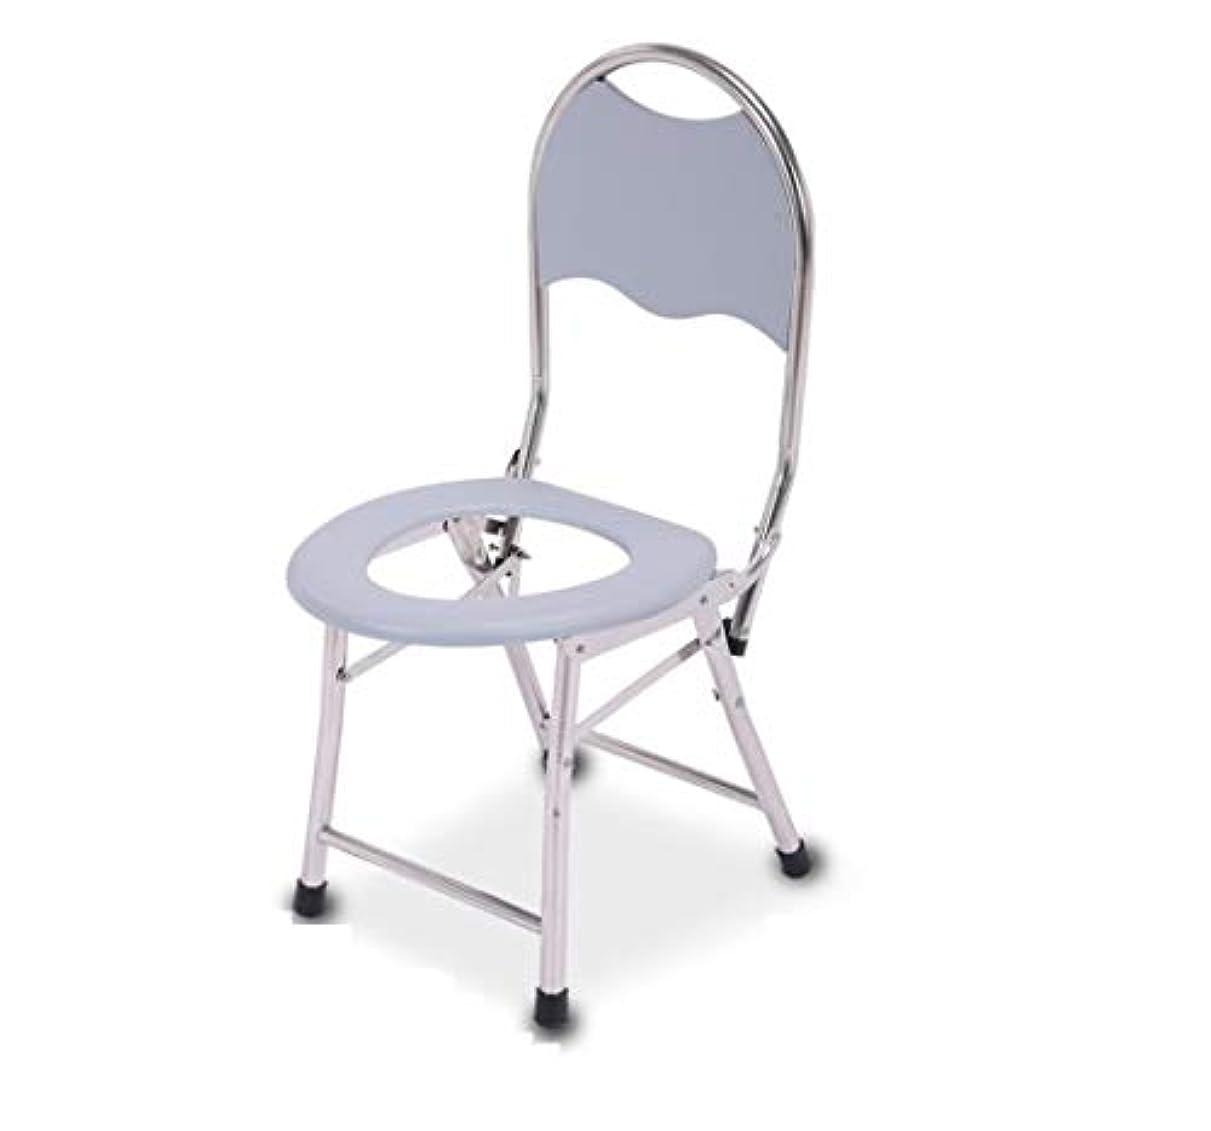 単に溶岩魅力便器椅子、大人用便座、安全ステンレス鋼滑り止めシャワー椅子、携帯用しゃがむパン